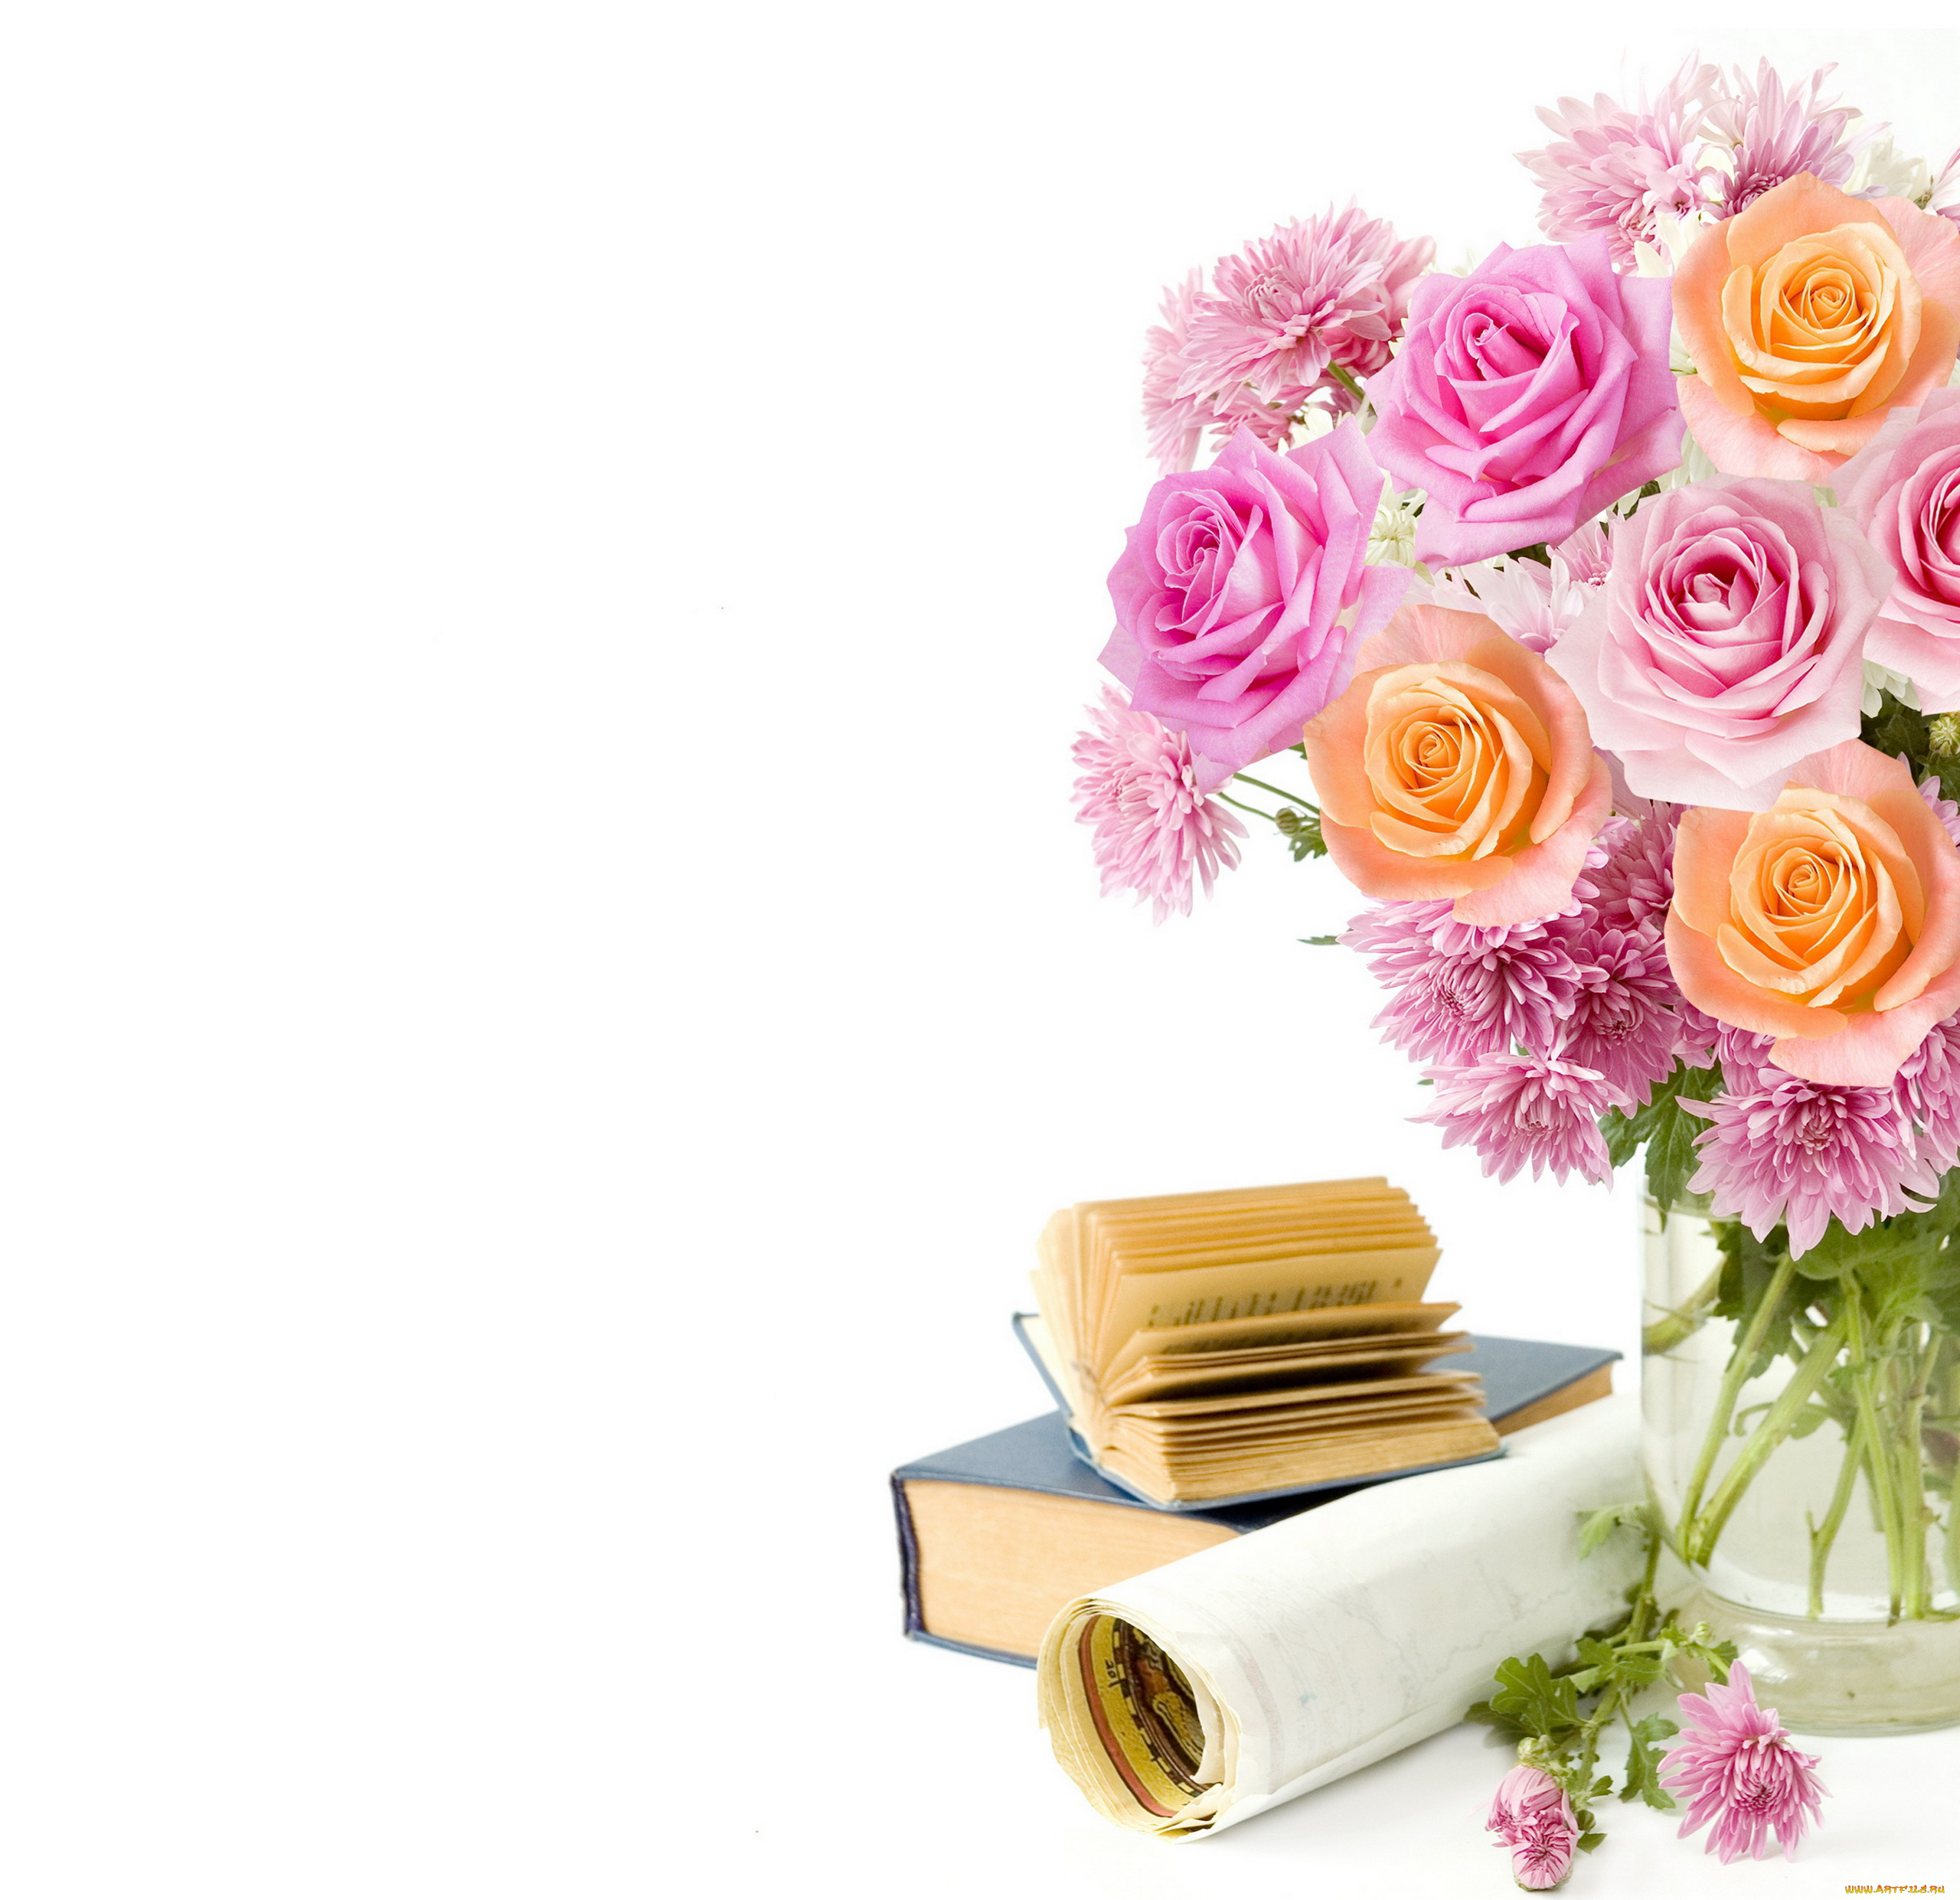 Картинка, школьная картинка с цветами